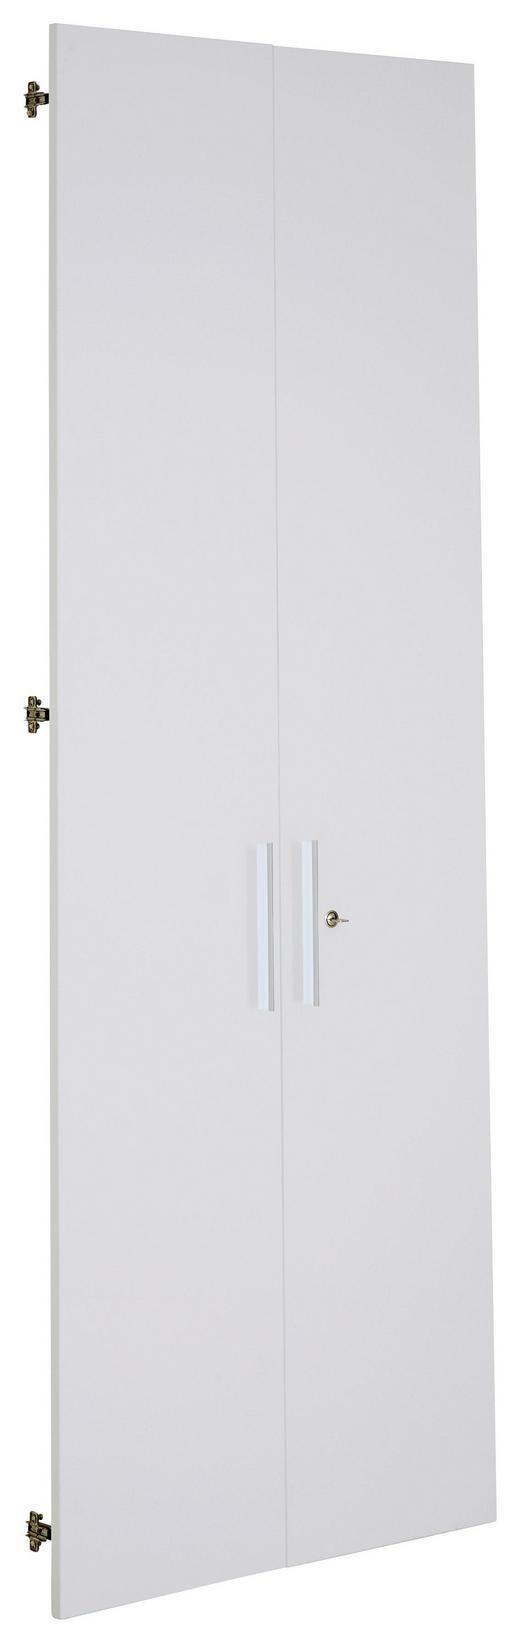 TÜR Weiß - Silberfarben/Weiß, Design, Metall (75,6/207cm) - VOLEO